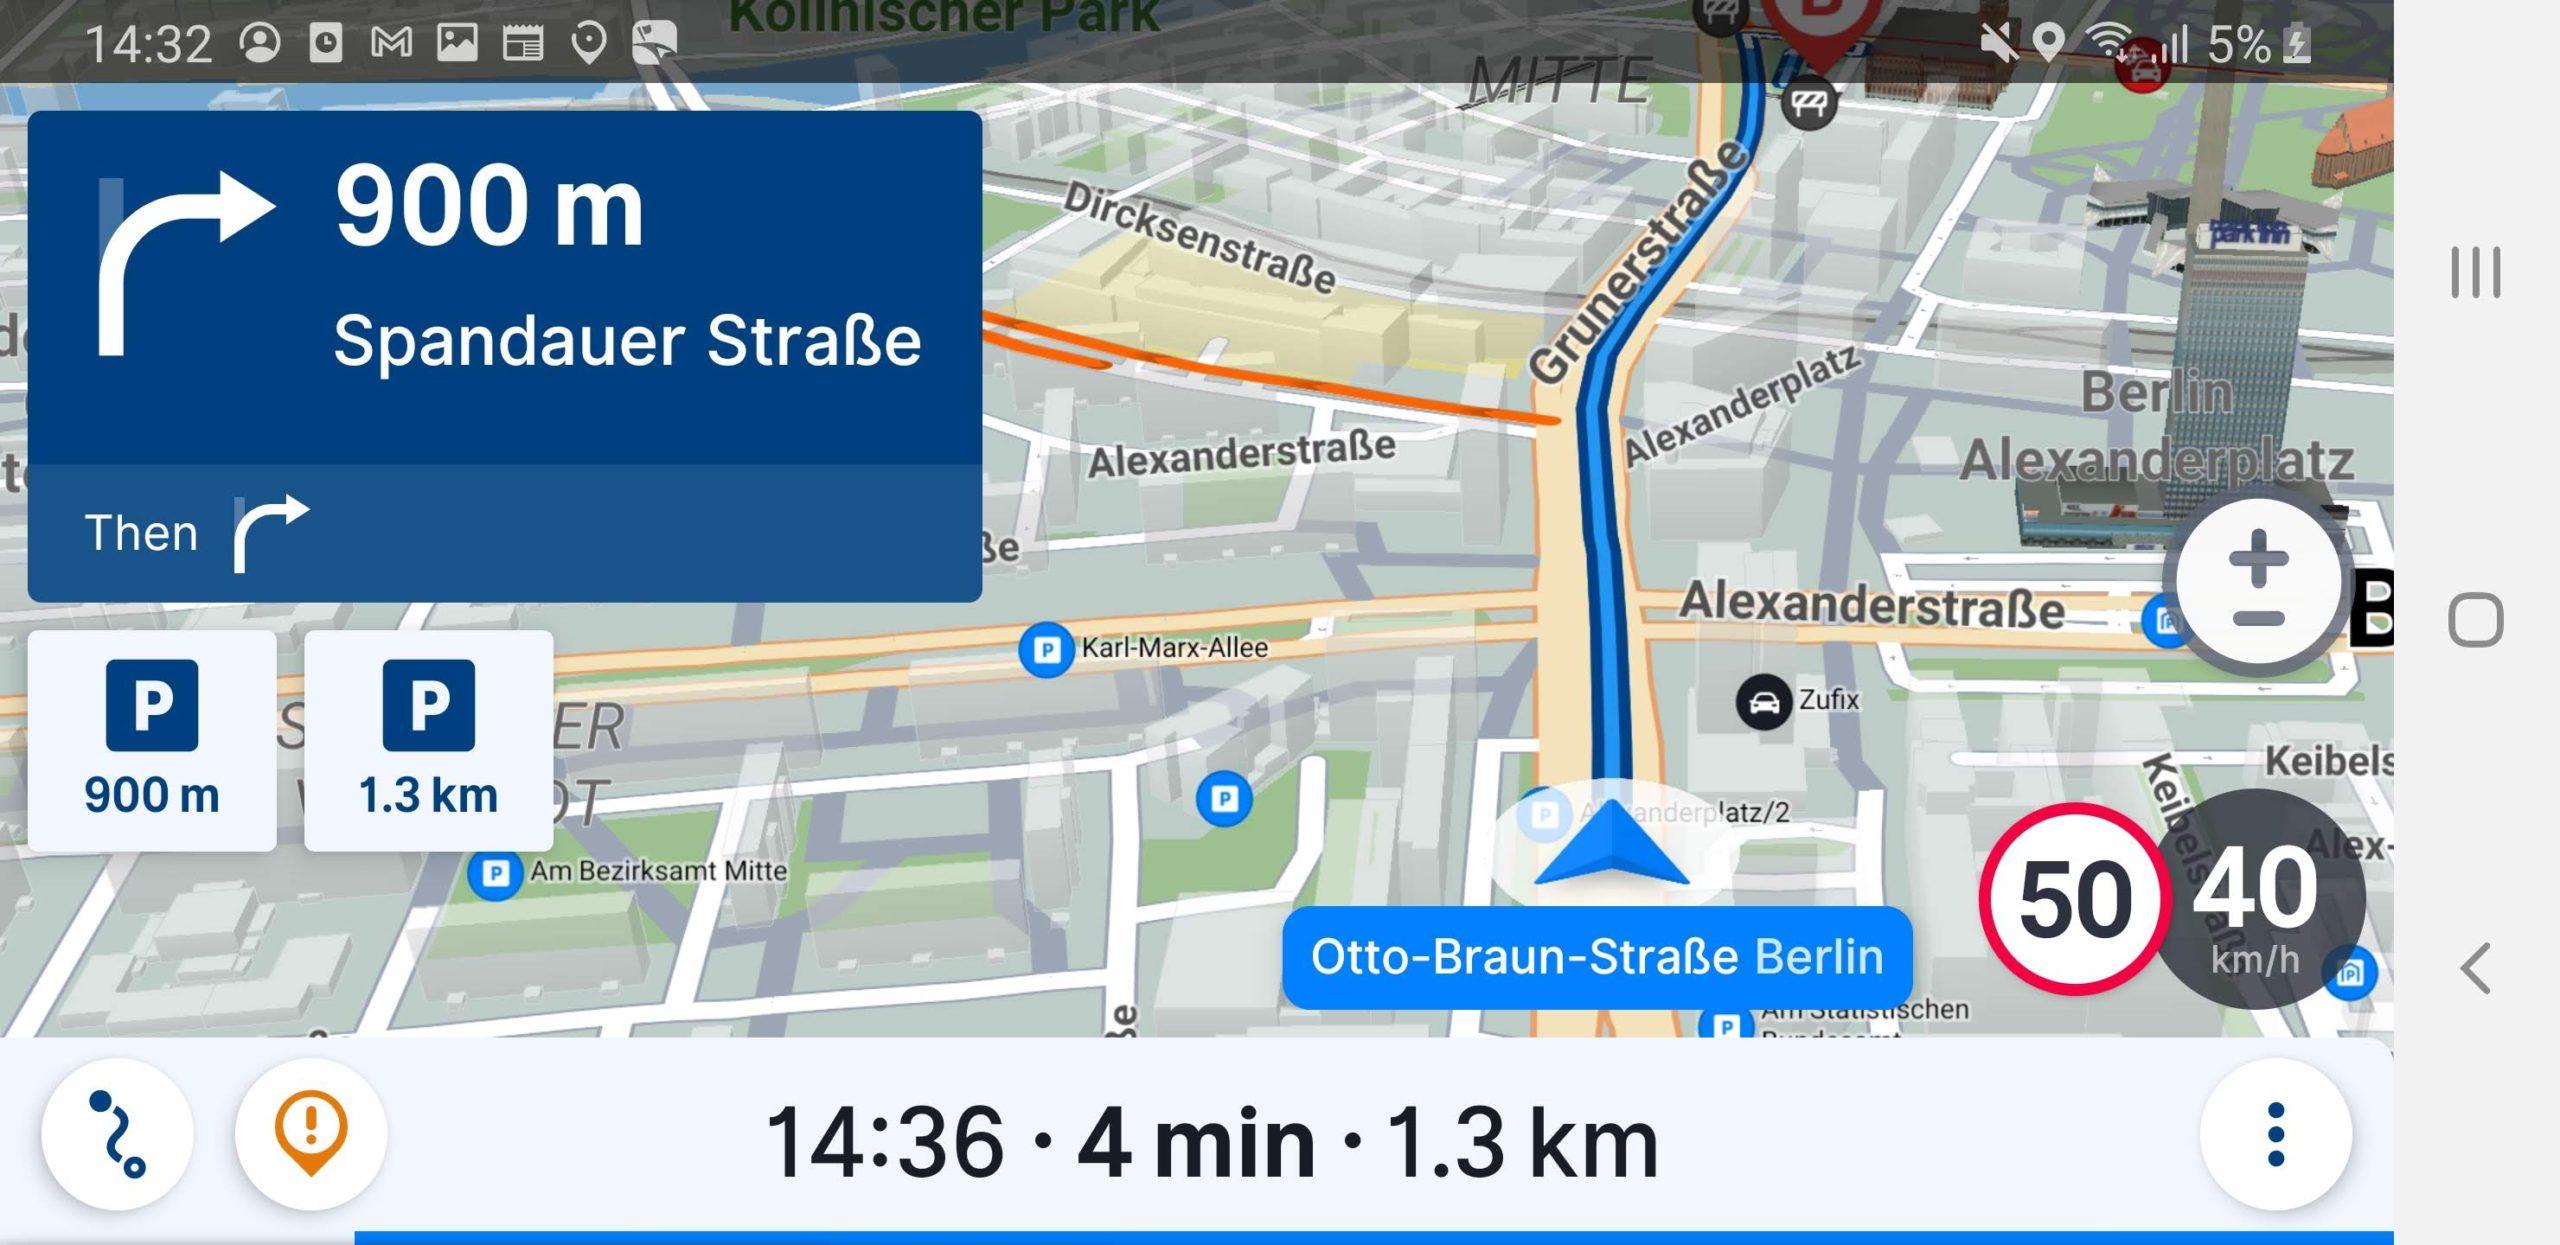 SDK app navigation 2960x1440x